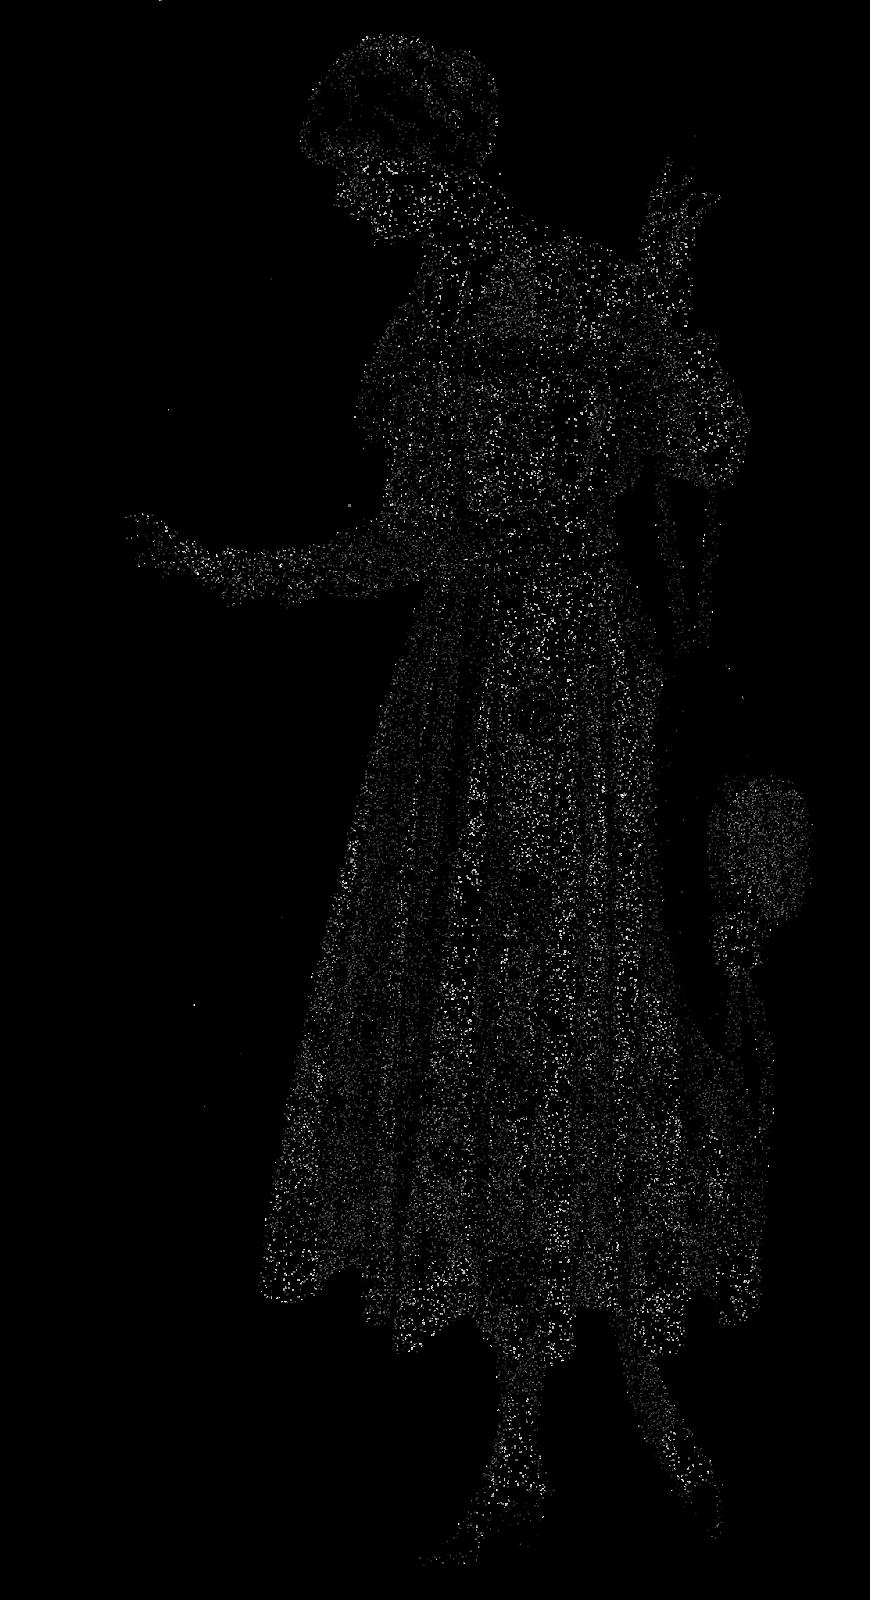 Digital Stamp Design: Digital Dress Fashion Images of Women's Long.